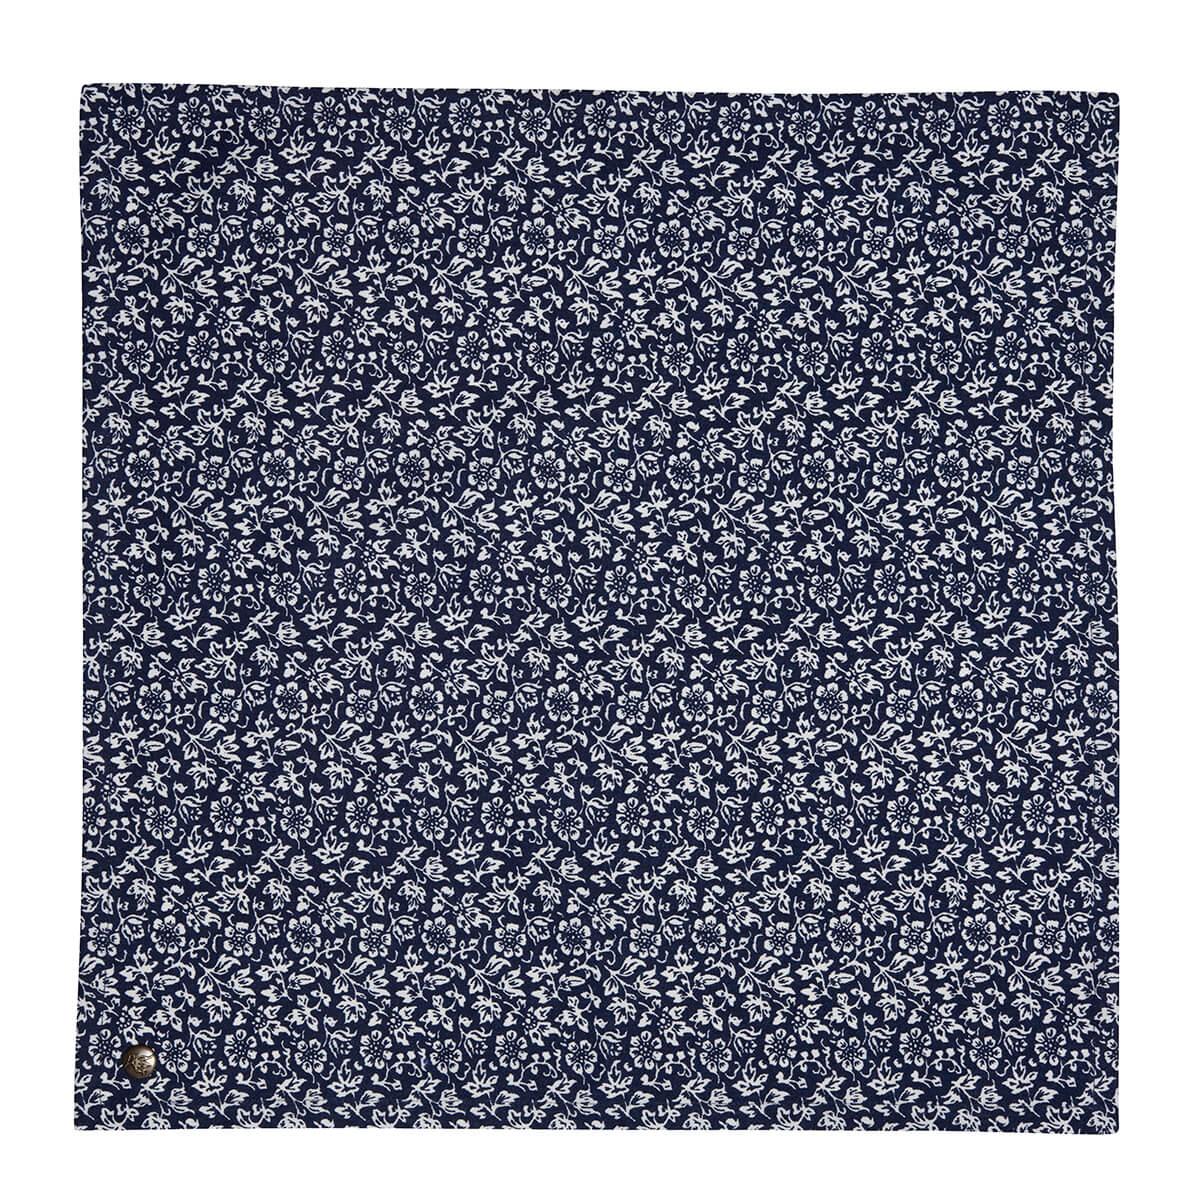 Онлайн каталог PROMENU: Тканевая салфетка Laura Ashley BLUEPRINT, 45х45 см, синий в мелкий цветок Laura Ashley 178441